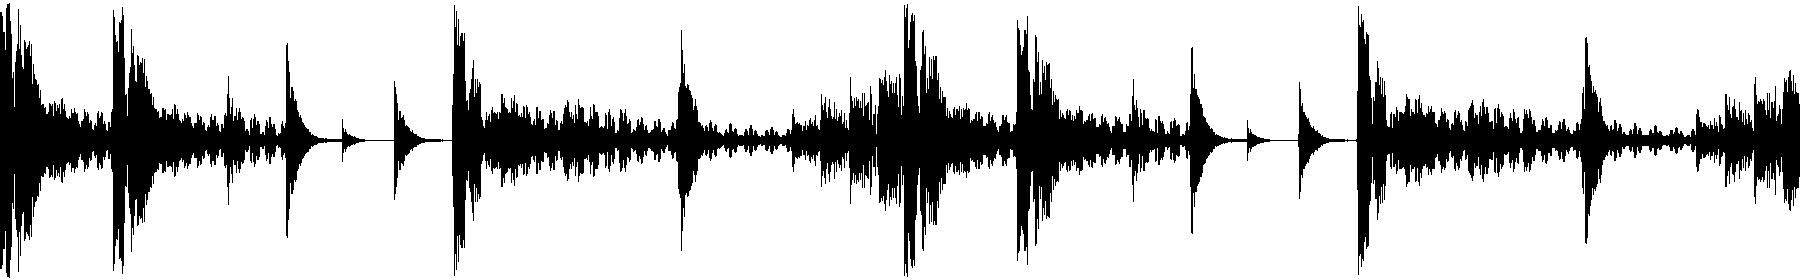 blbc electrodrums 75 04